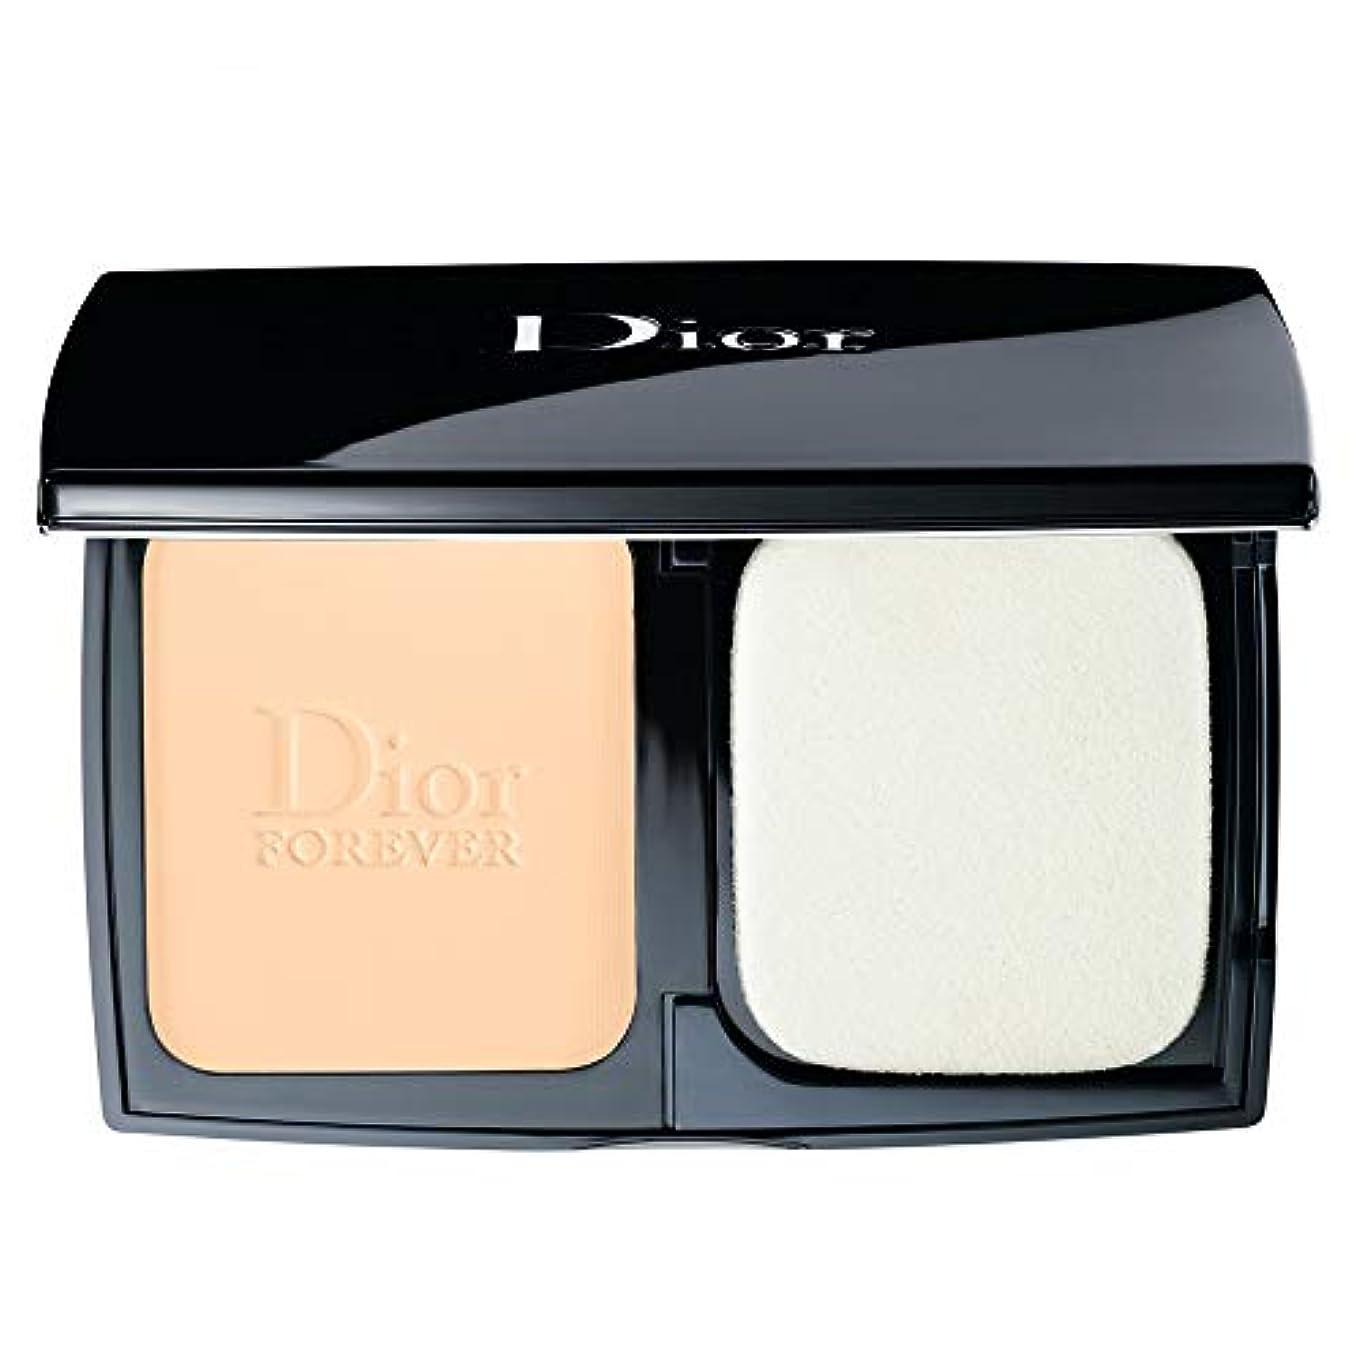 熱望するソロ資格情報クリスチャンディオール Diorskin Forever Extreme Control Perfect Matte Powder Makeup SPF 20 - # 010 Ivory 9g/0.31oz並行輸入品